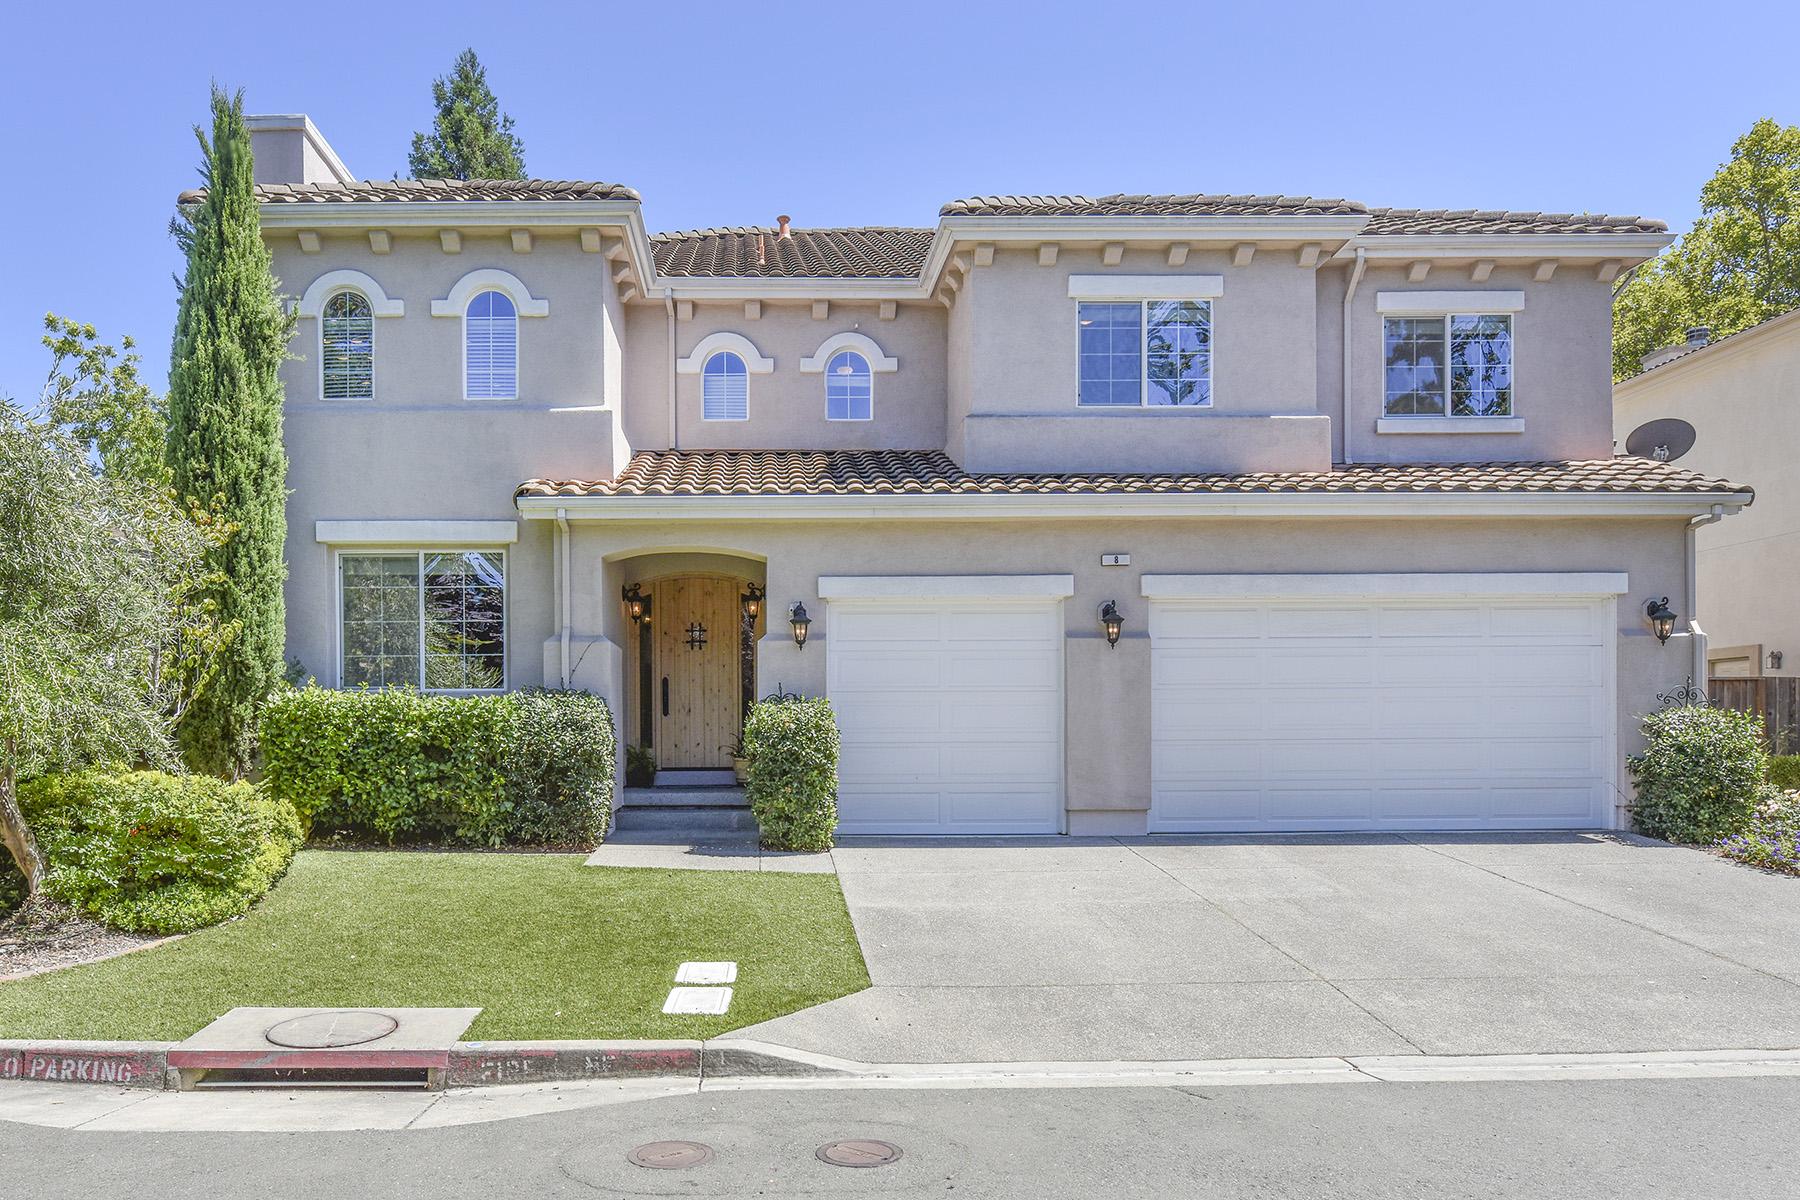 Casa Unifamiliar por un Venta en 8 Noble Ln, Napa, CA 94558 8 Noble Ln Napa, California, 94558 Estados Unidos